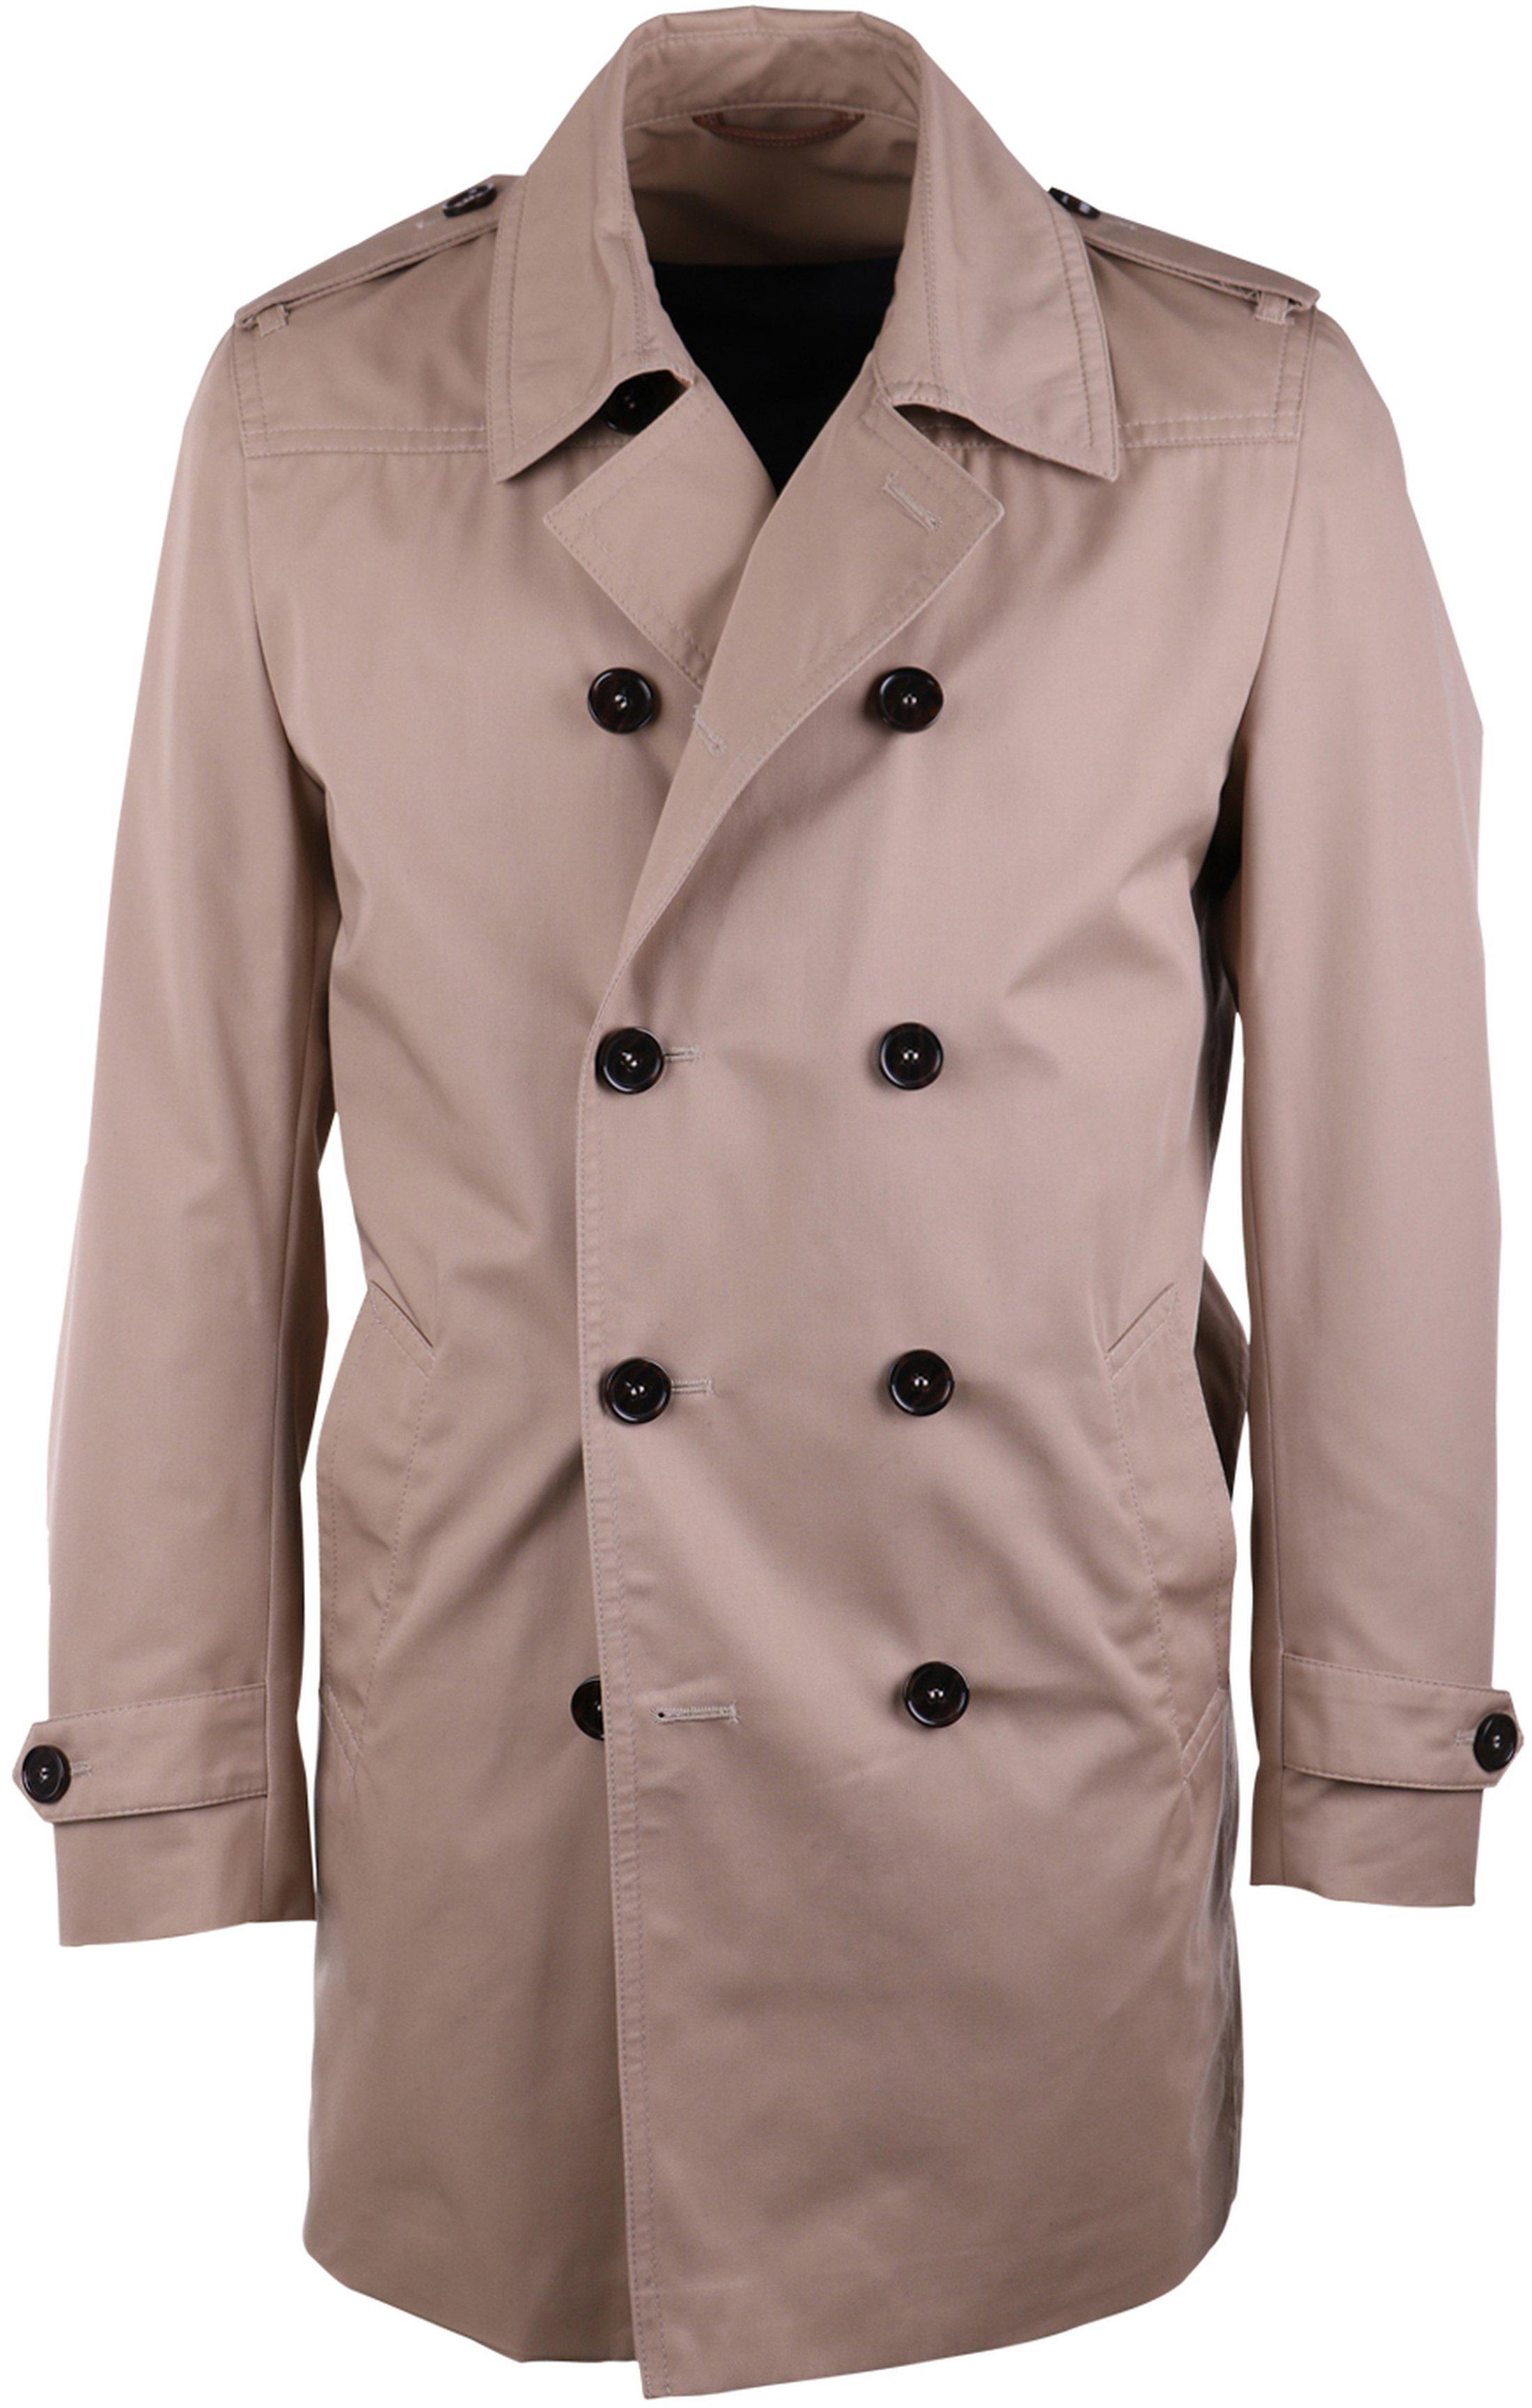 Suitable Trenchcoat Sommer Jacke Khaki Zavier